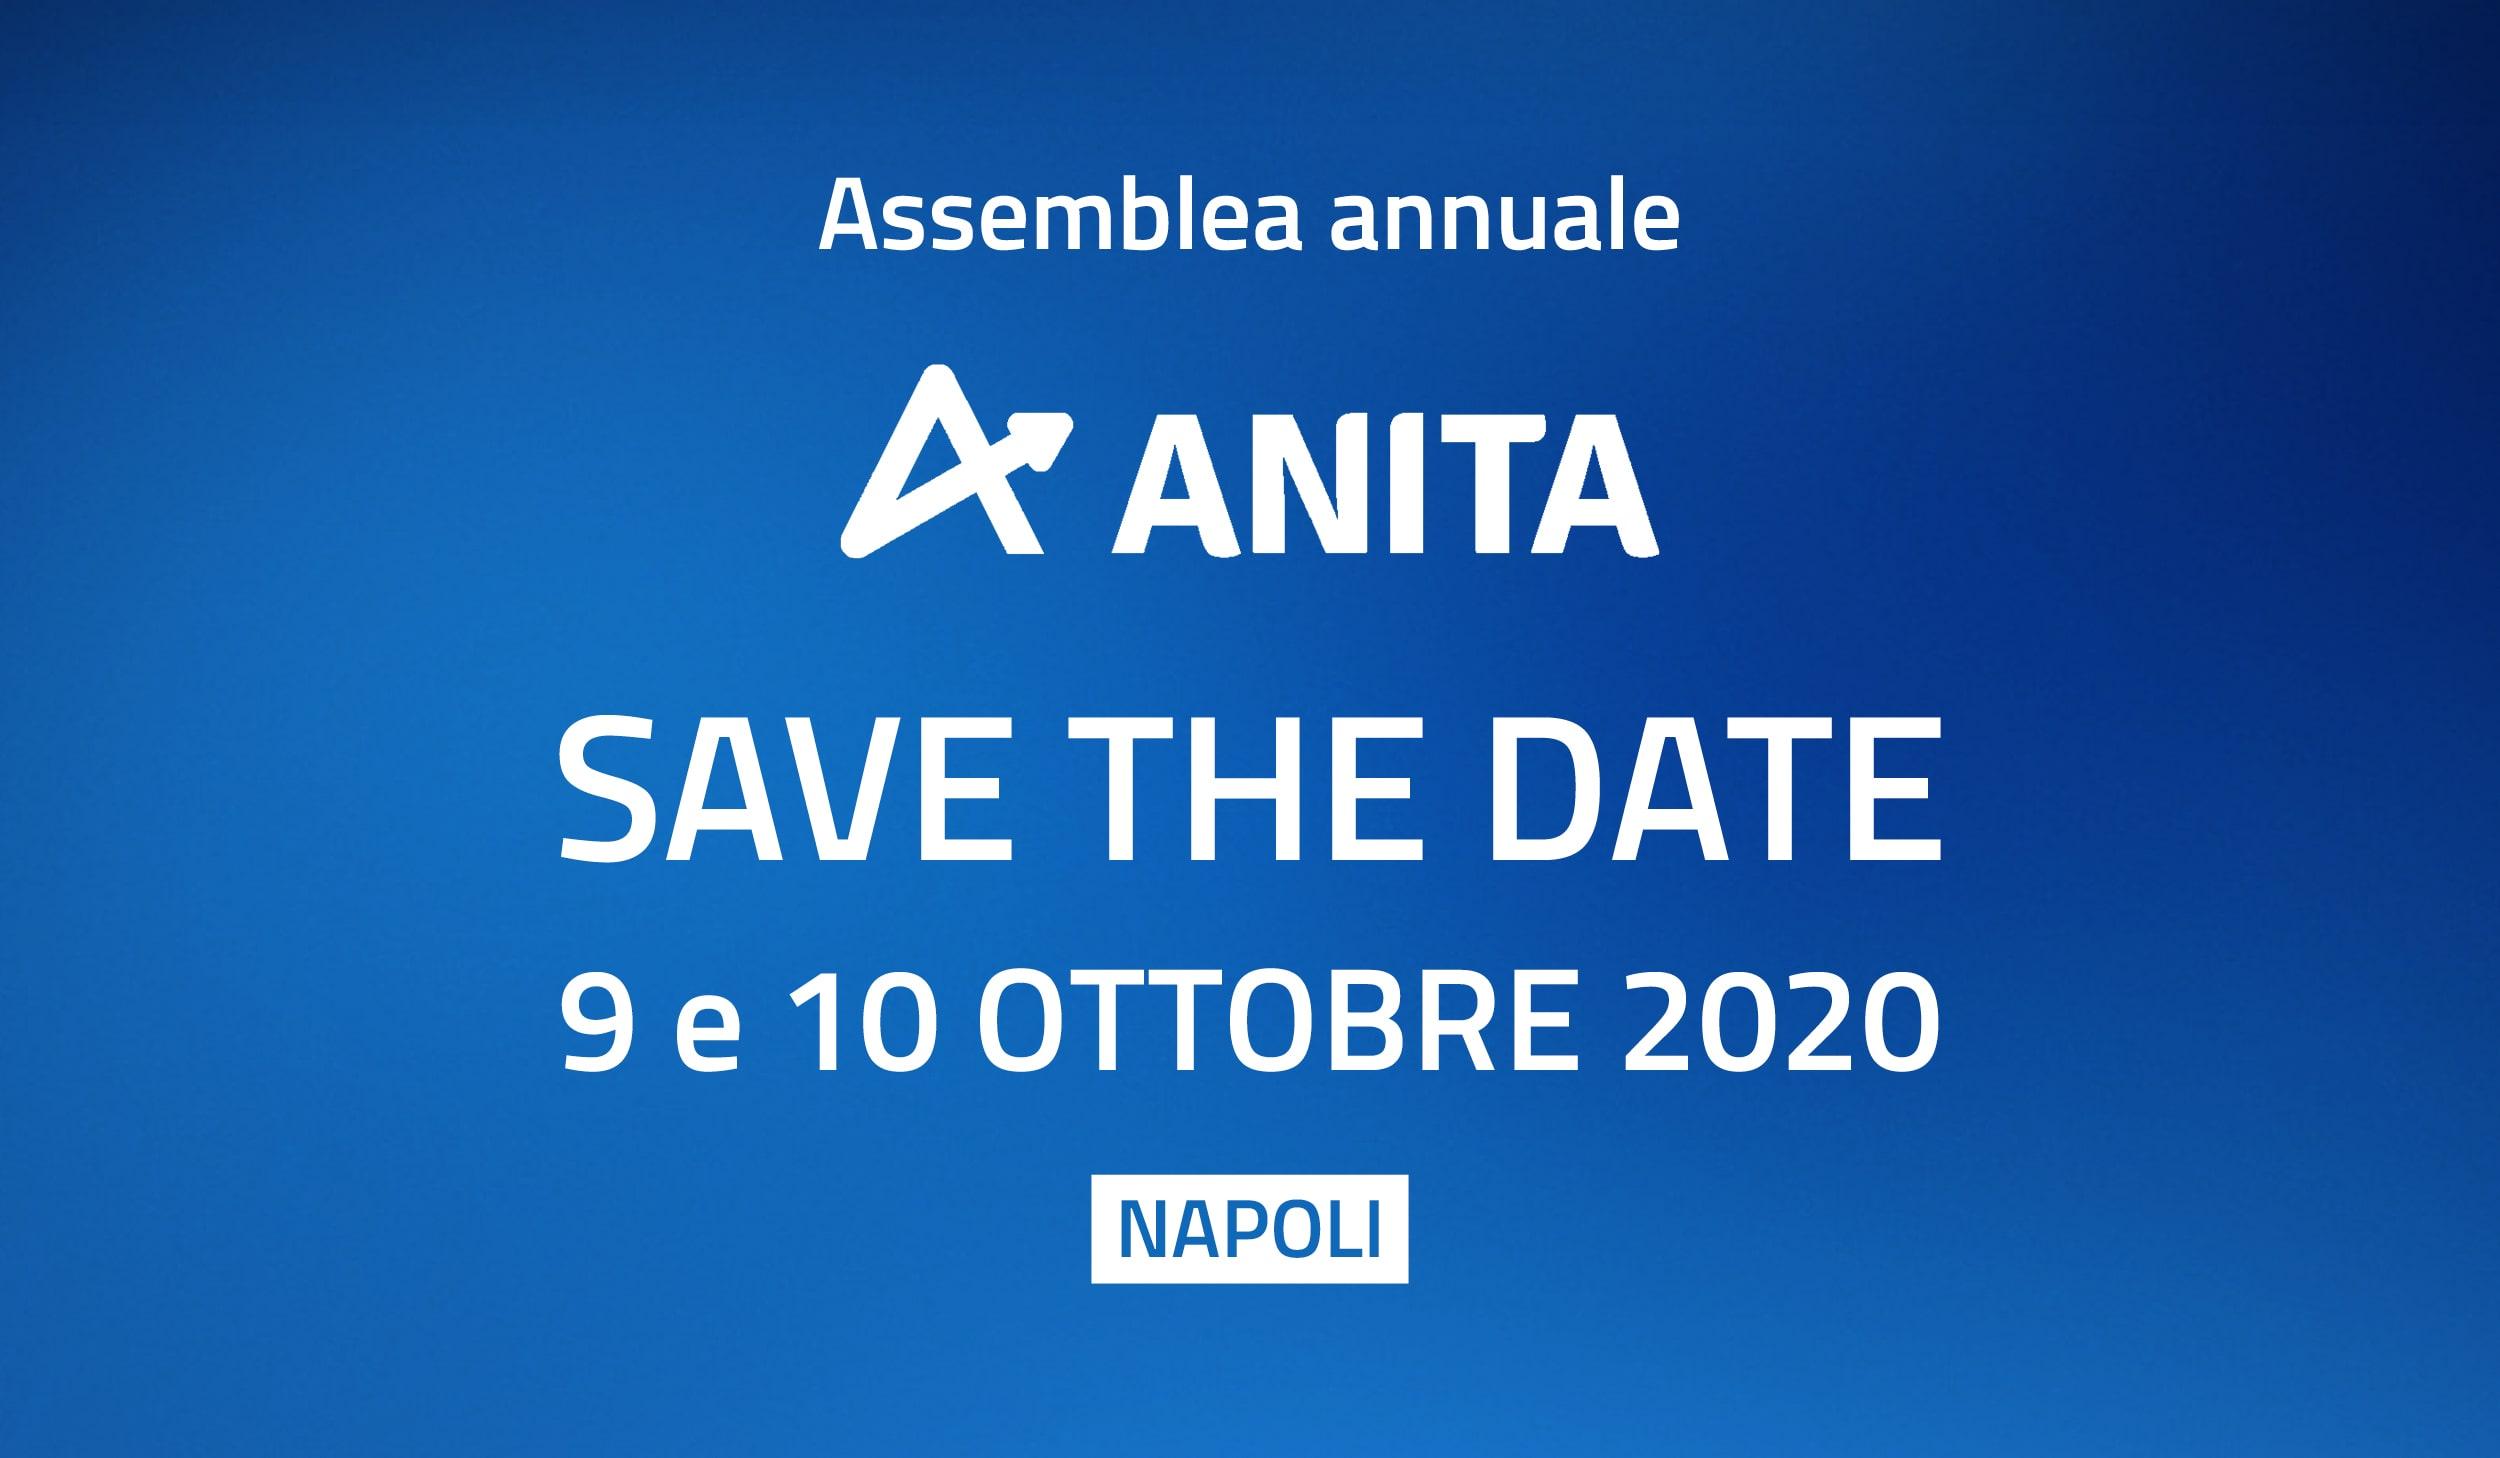 Napoli: il 9 e 10 ottobre 2020 l'Assemblea generale ANITA